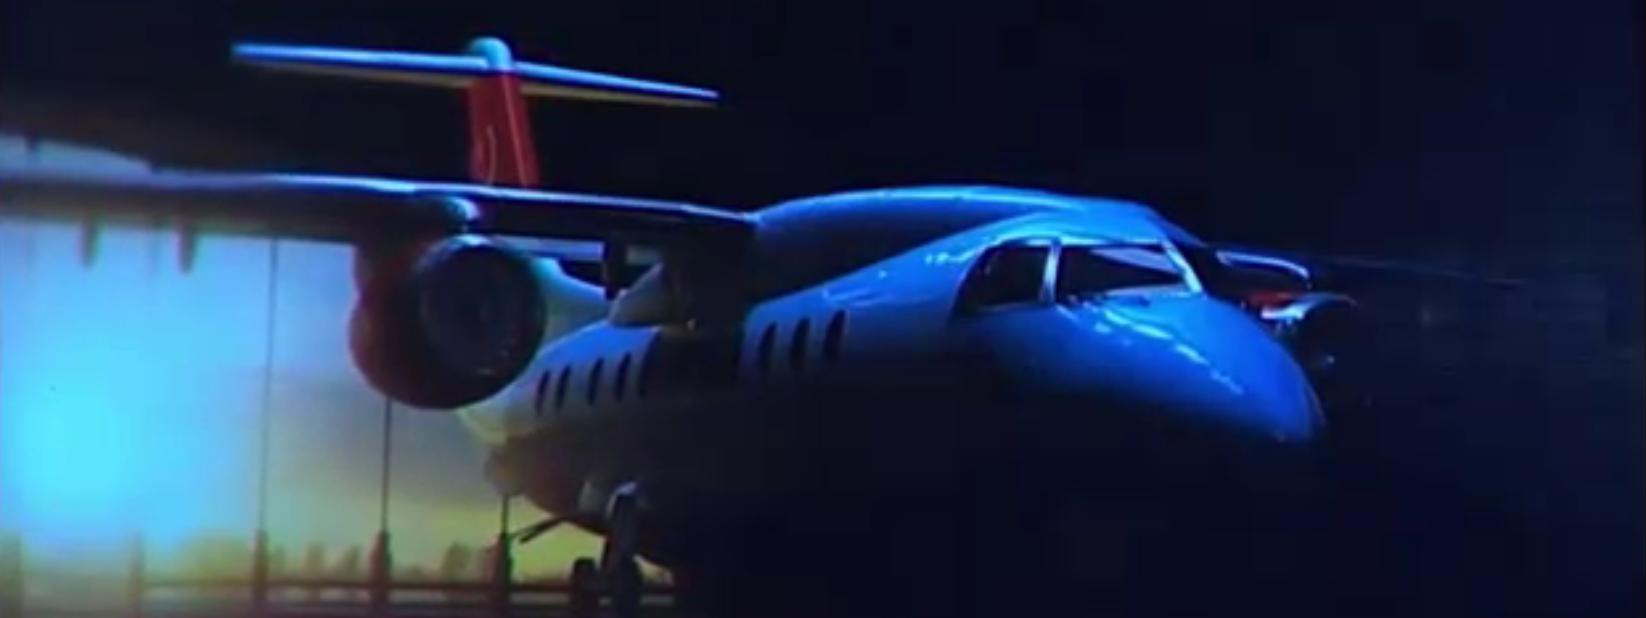 başbakan-ahmet-davutoğlu,-haliç-kongre-merkezinde-yerli-yolcu-uçaği-projesi-tanitim-toplantisinda-konuştu..20150527124651.png